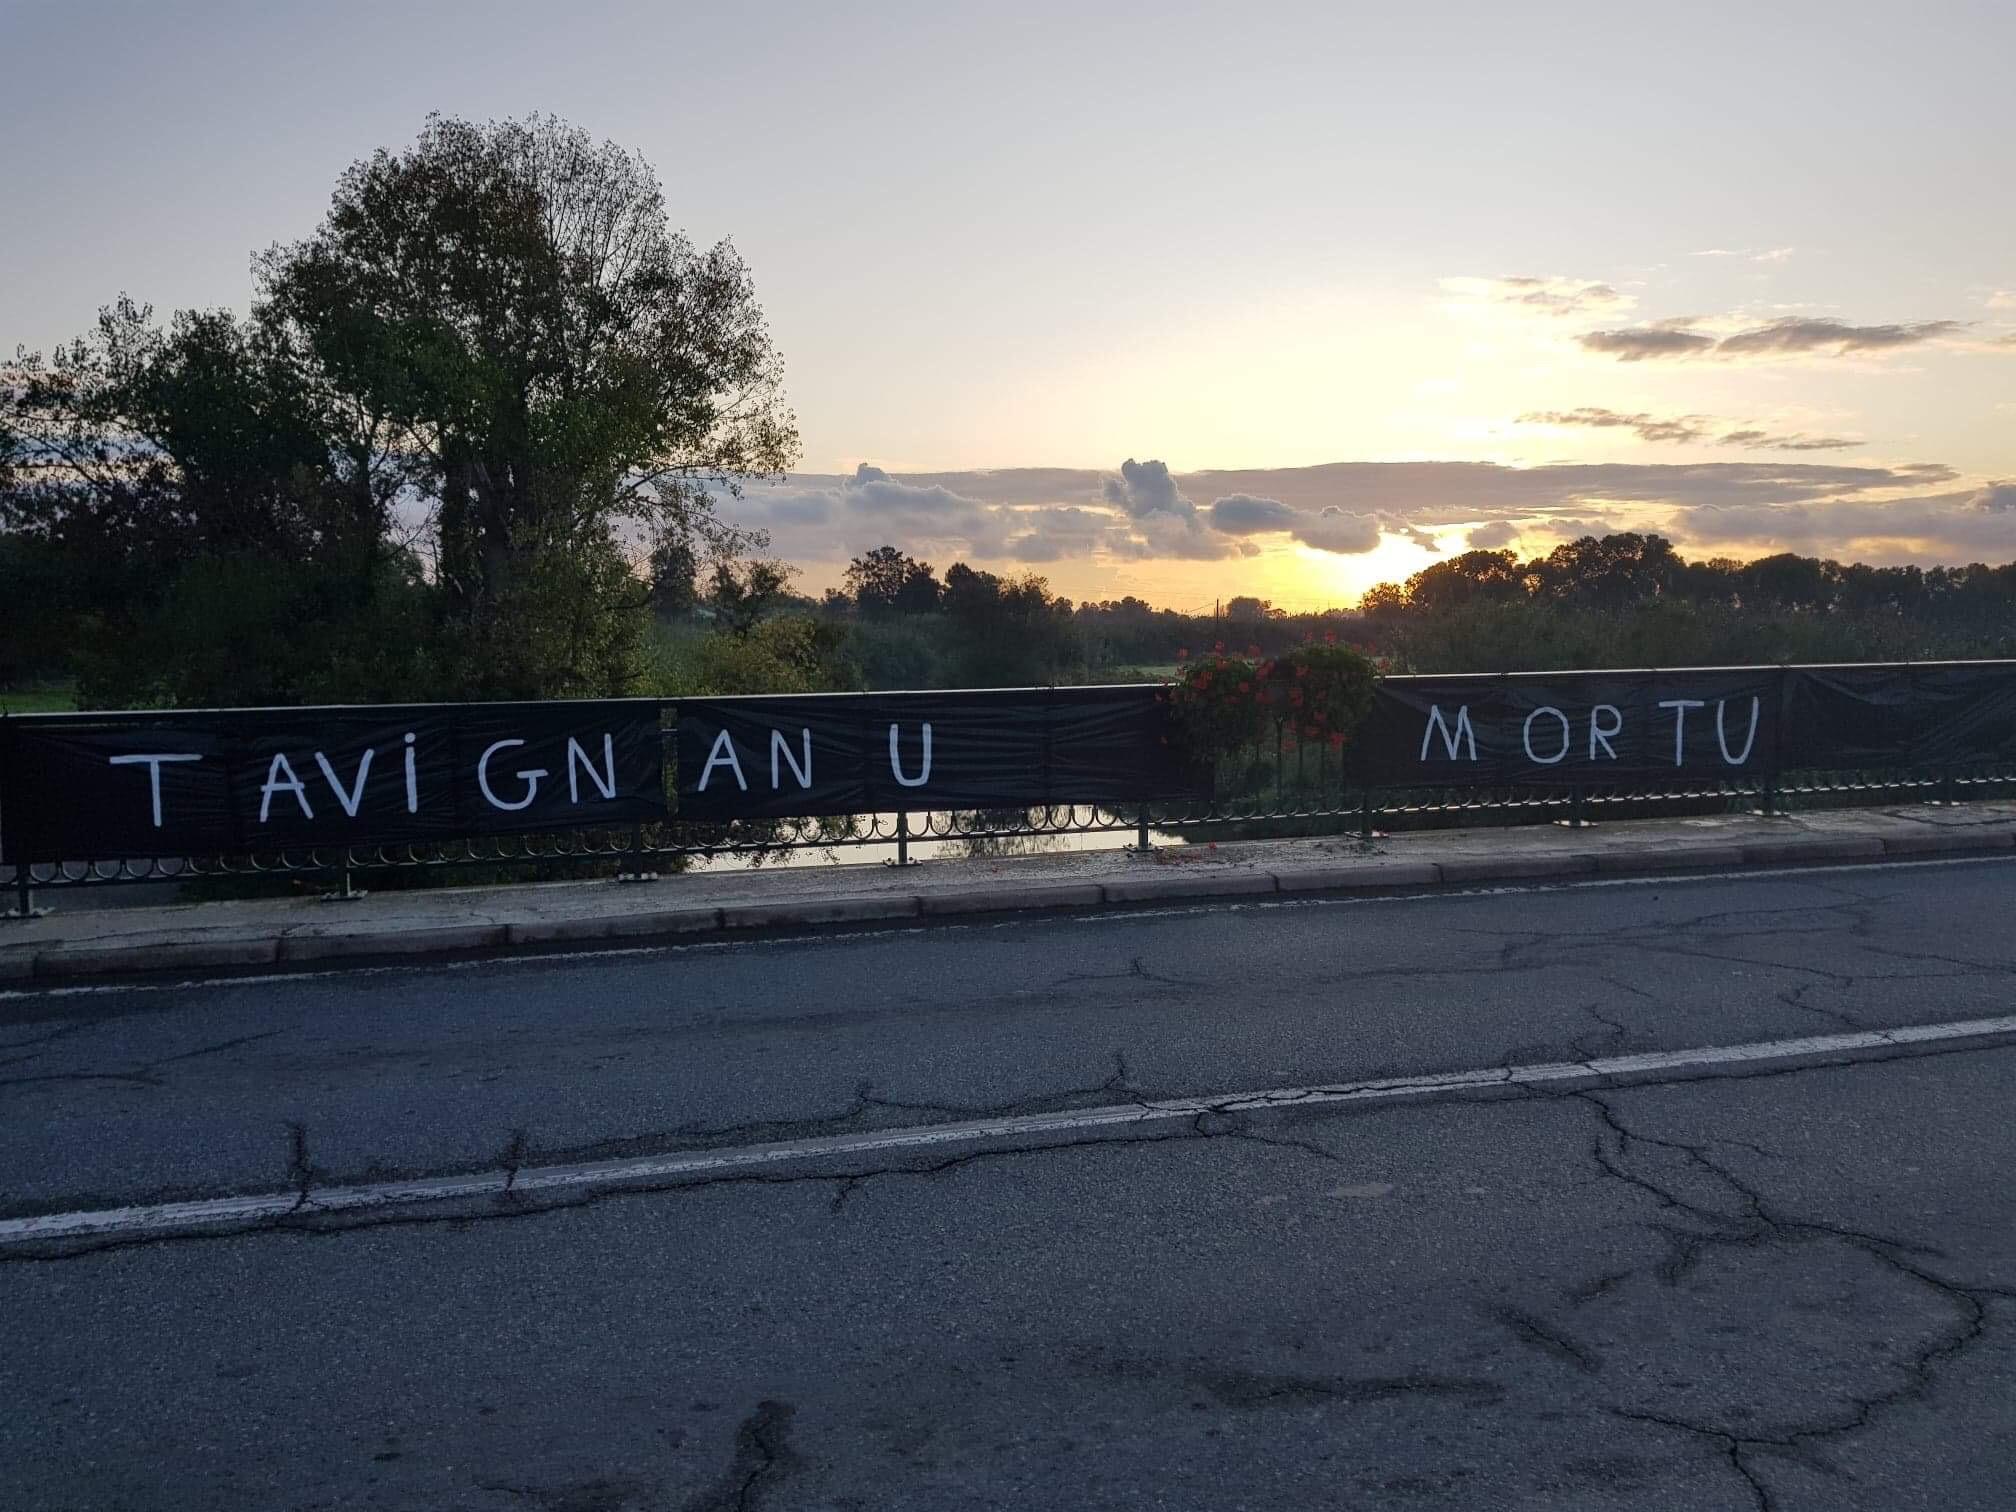 Déchets : réunion d'urgence du collectif Tavignanu Vivu